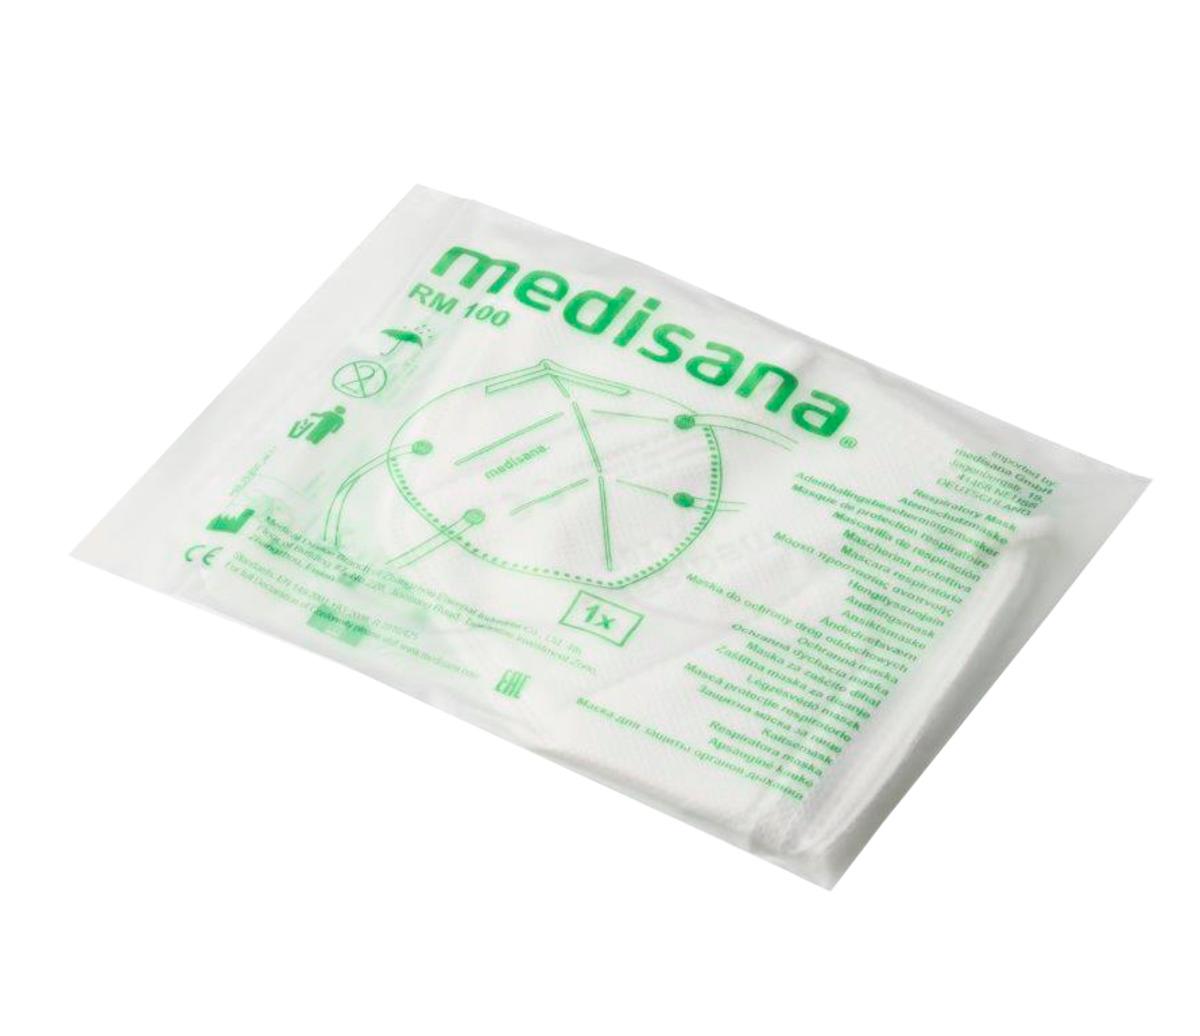 Bild 2 von Medisana Atemschutzmaske RM 100